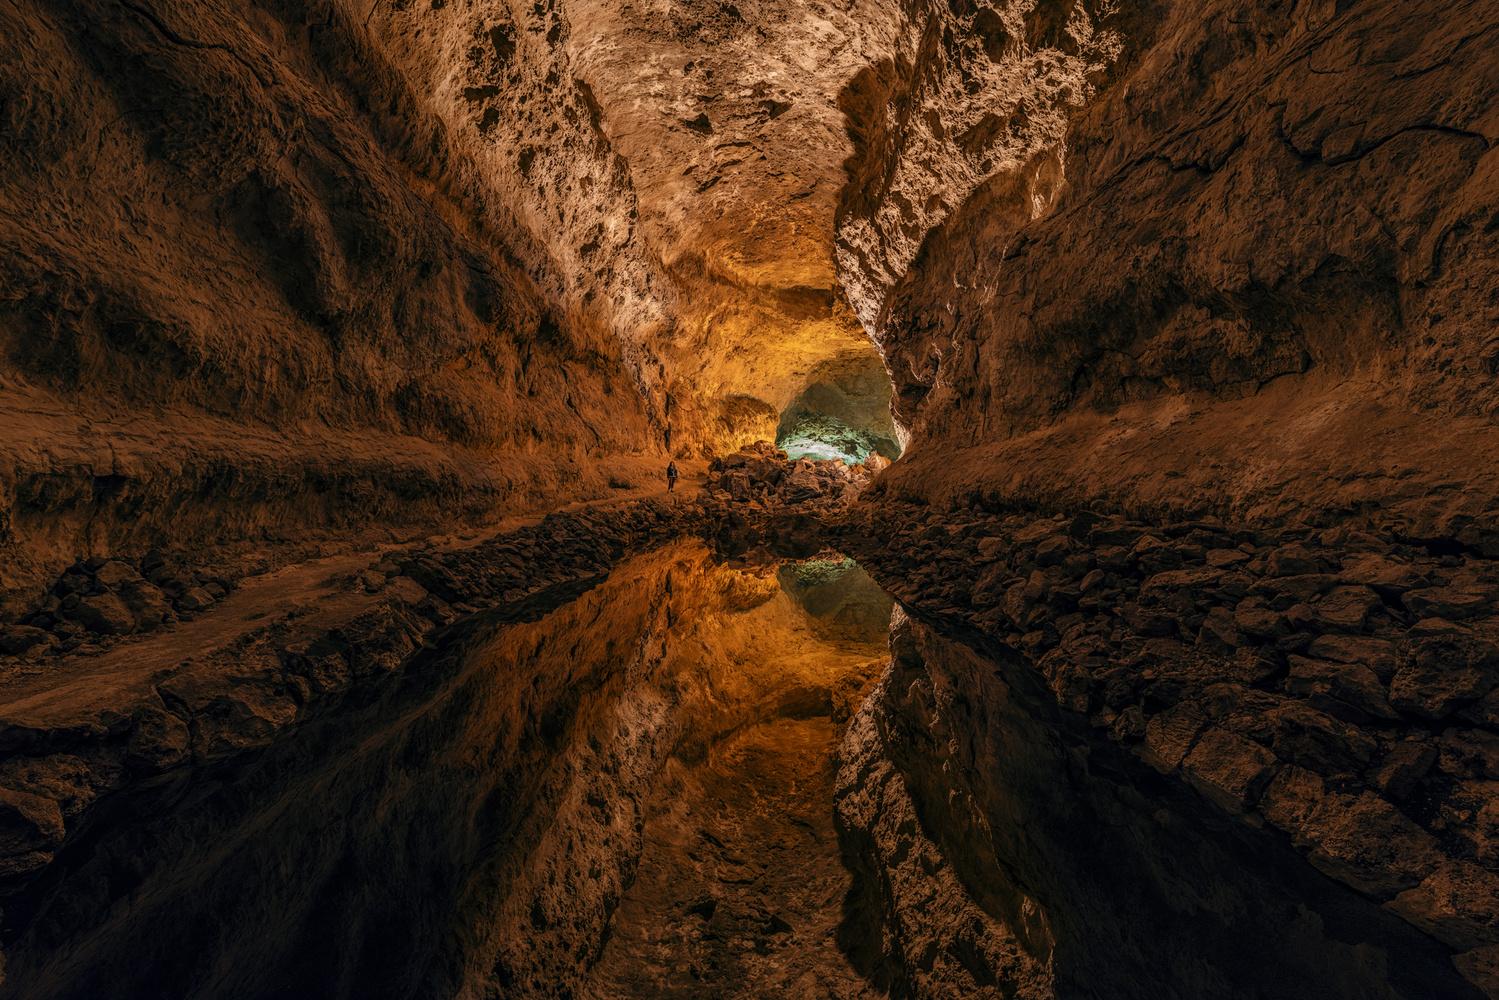 Cueva de los Verdes by Ramon Coloma